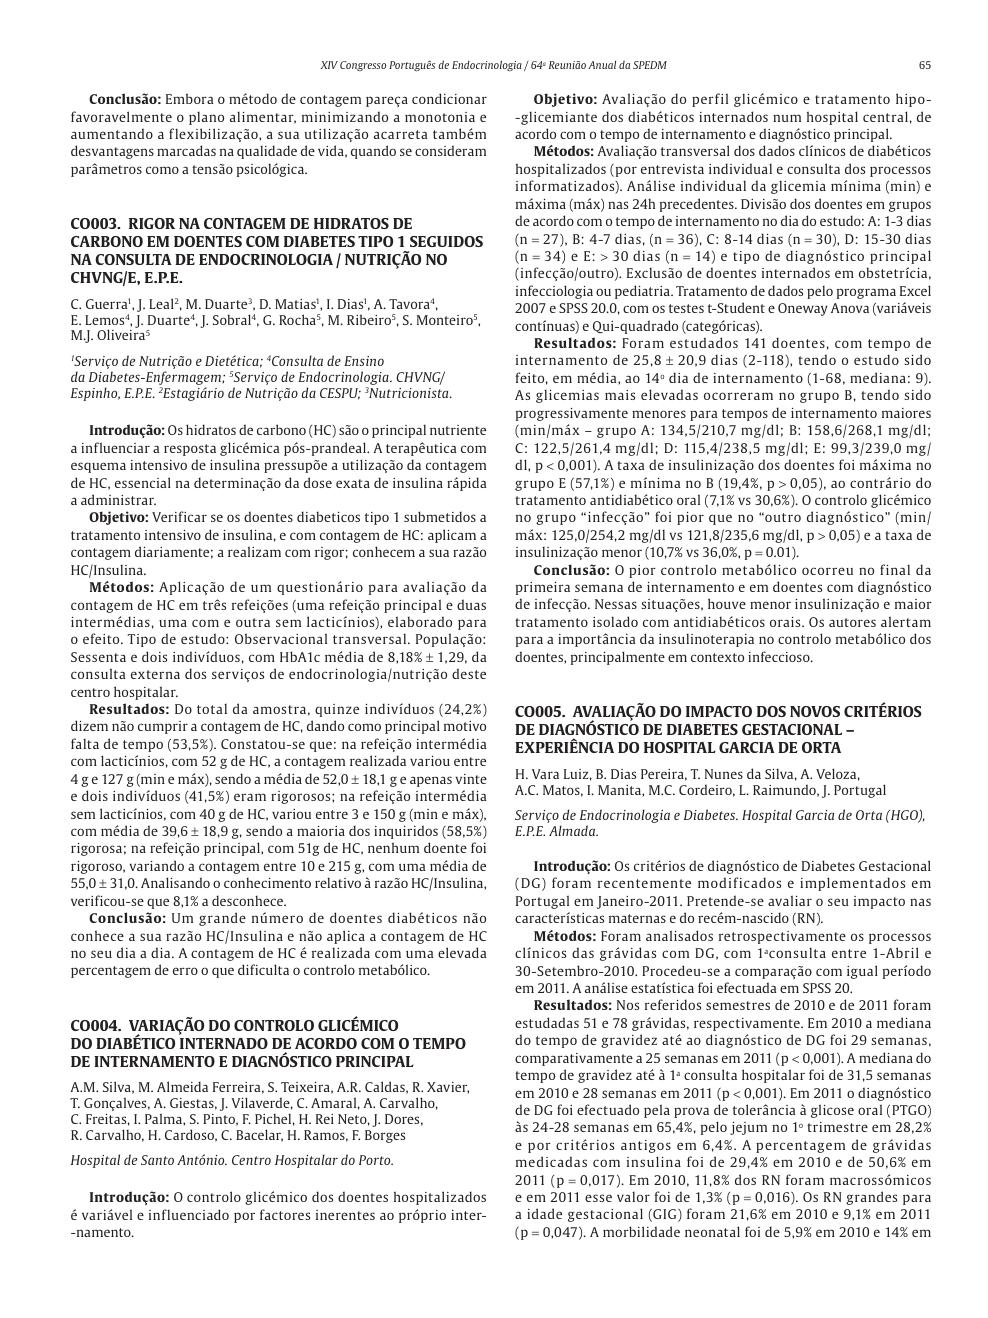 endocrinologia diabetes gestacional portugues